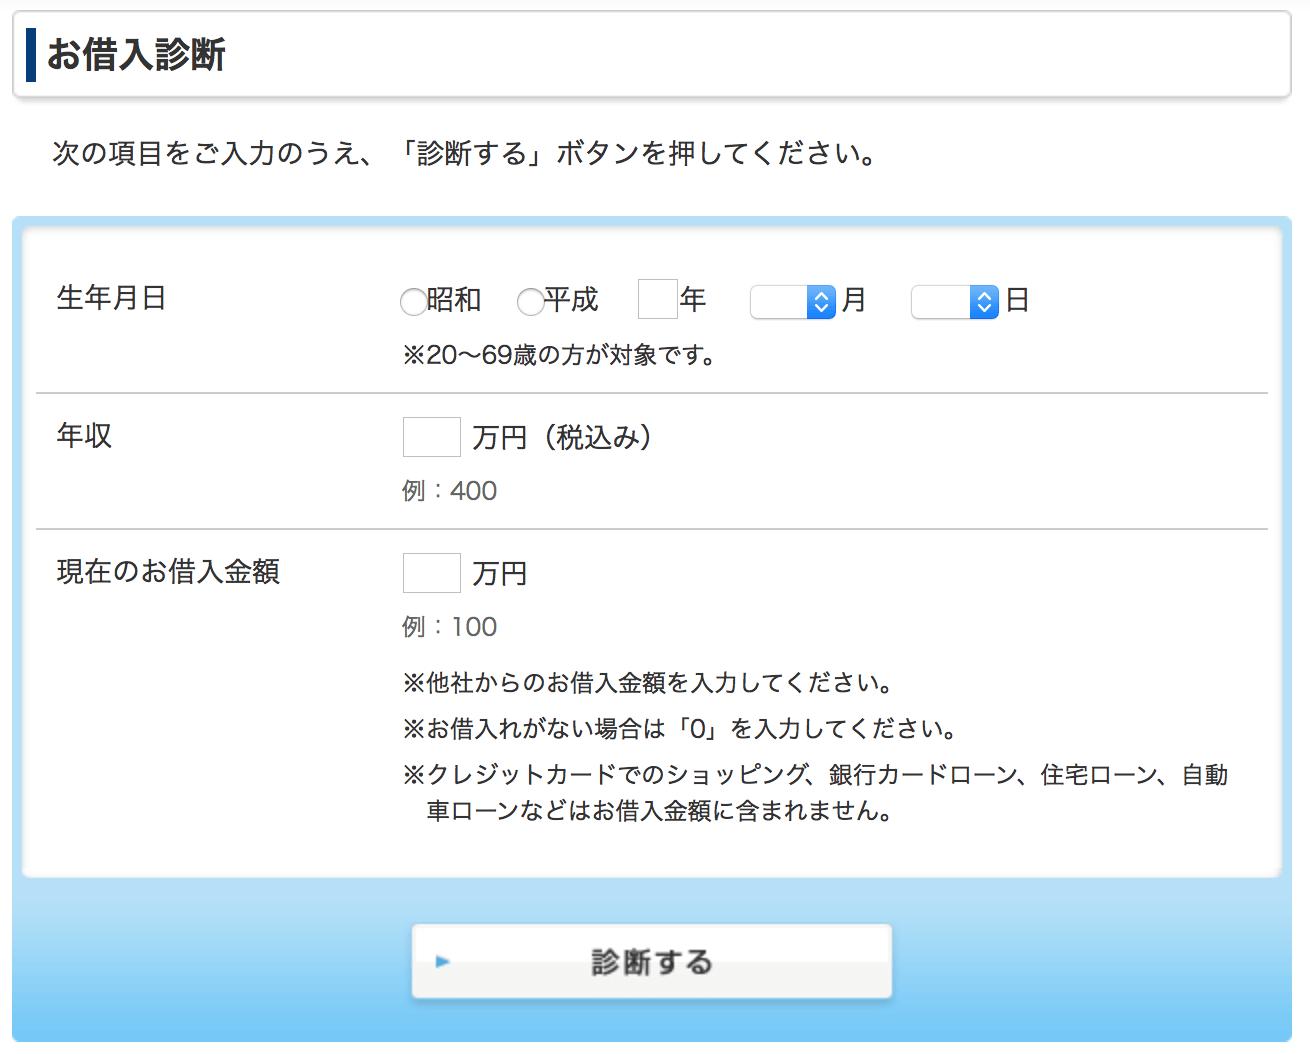 スクリーンショット 2016-08-15 17.45.02